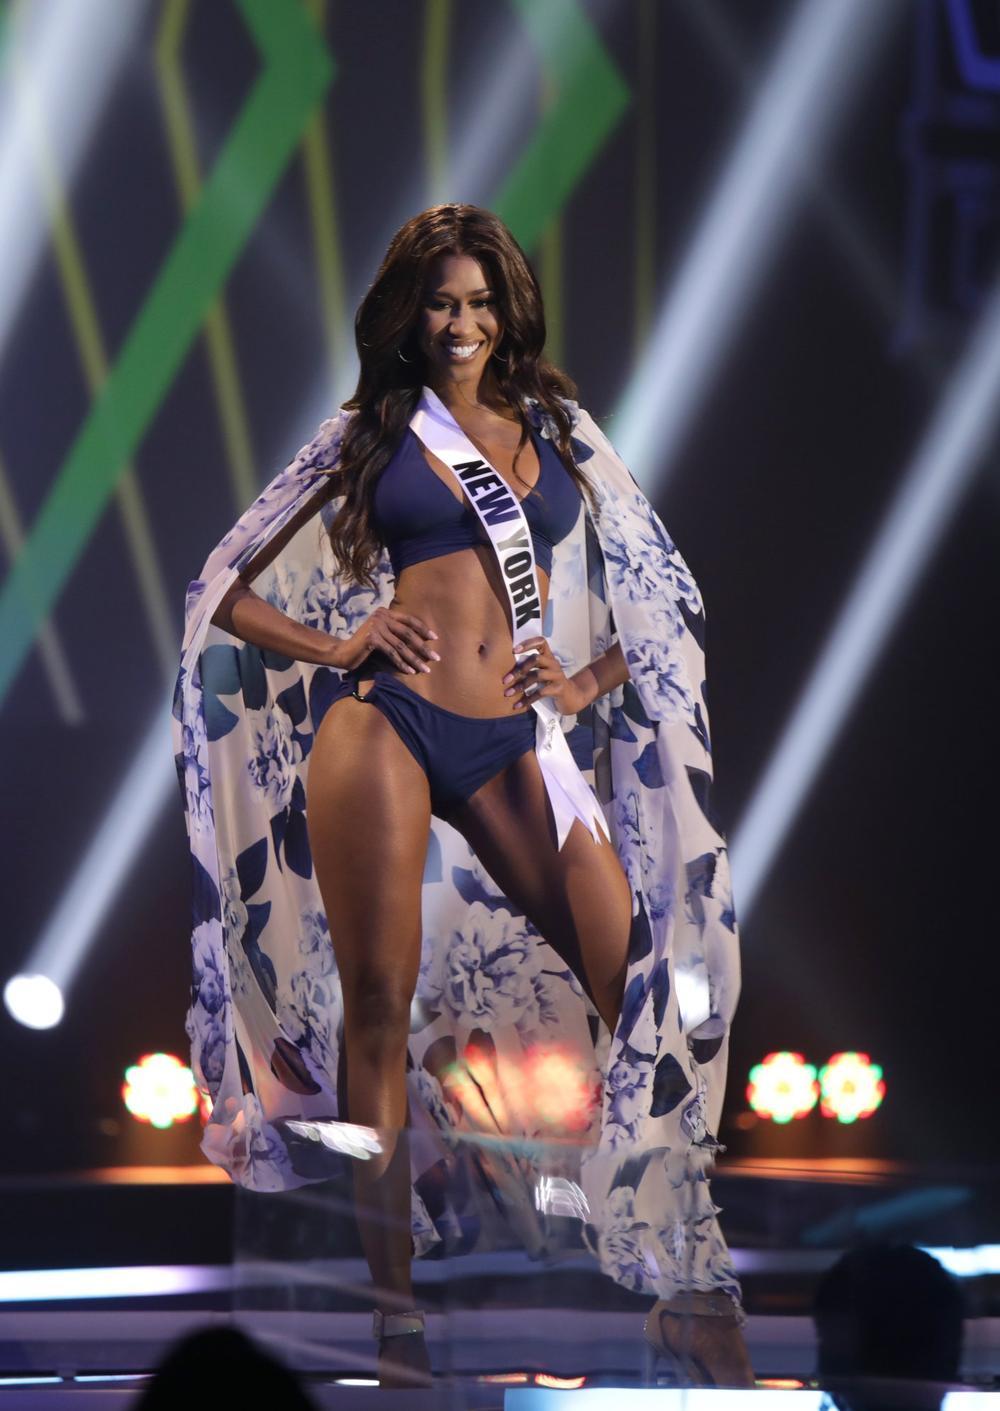 Thí sinh Miss USA mặc lạc quẻ giống Kiều Loan, đạo nhái váy Hoàng Thùy trong phần thi dạ hội Ảnh 2